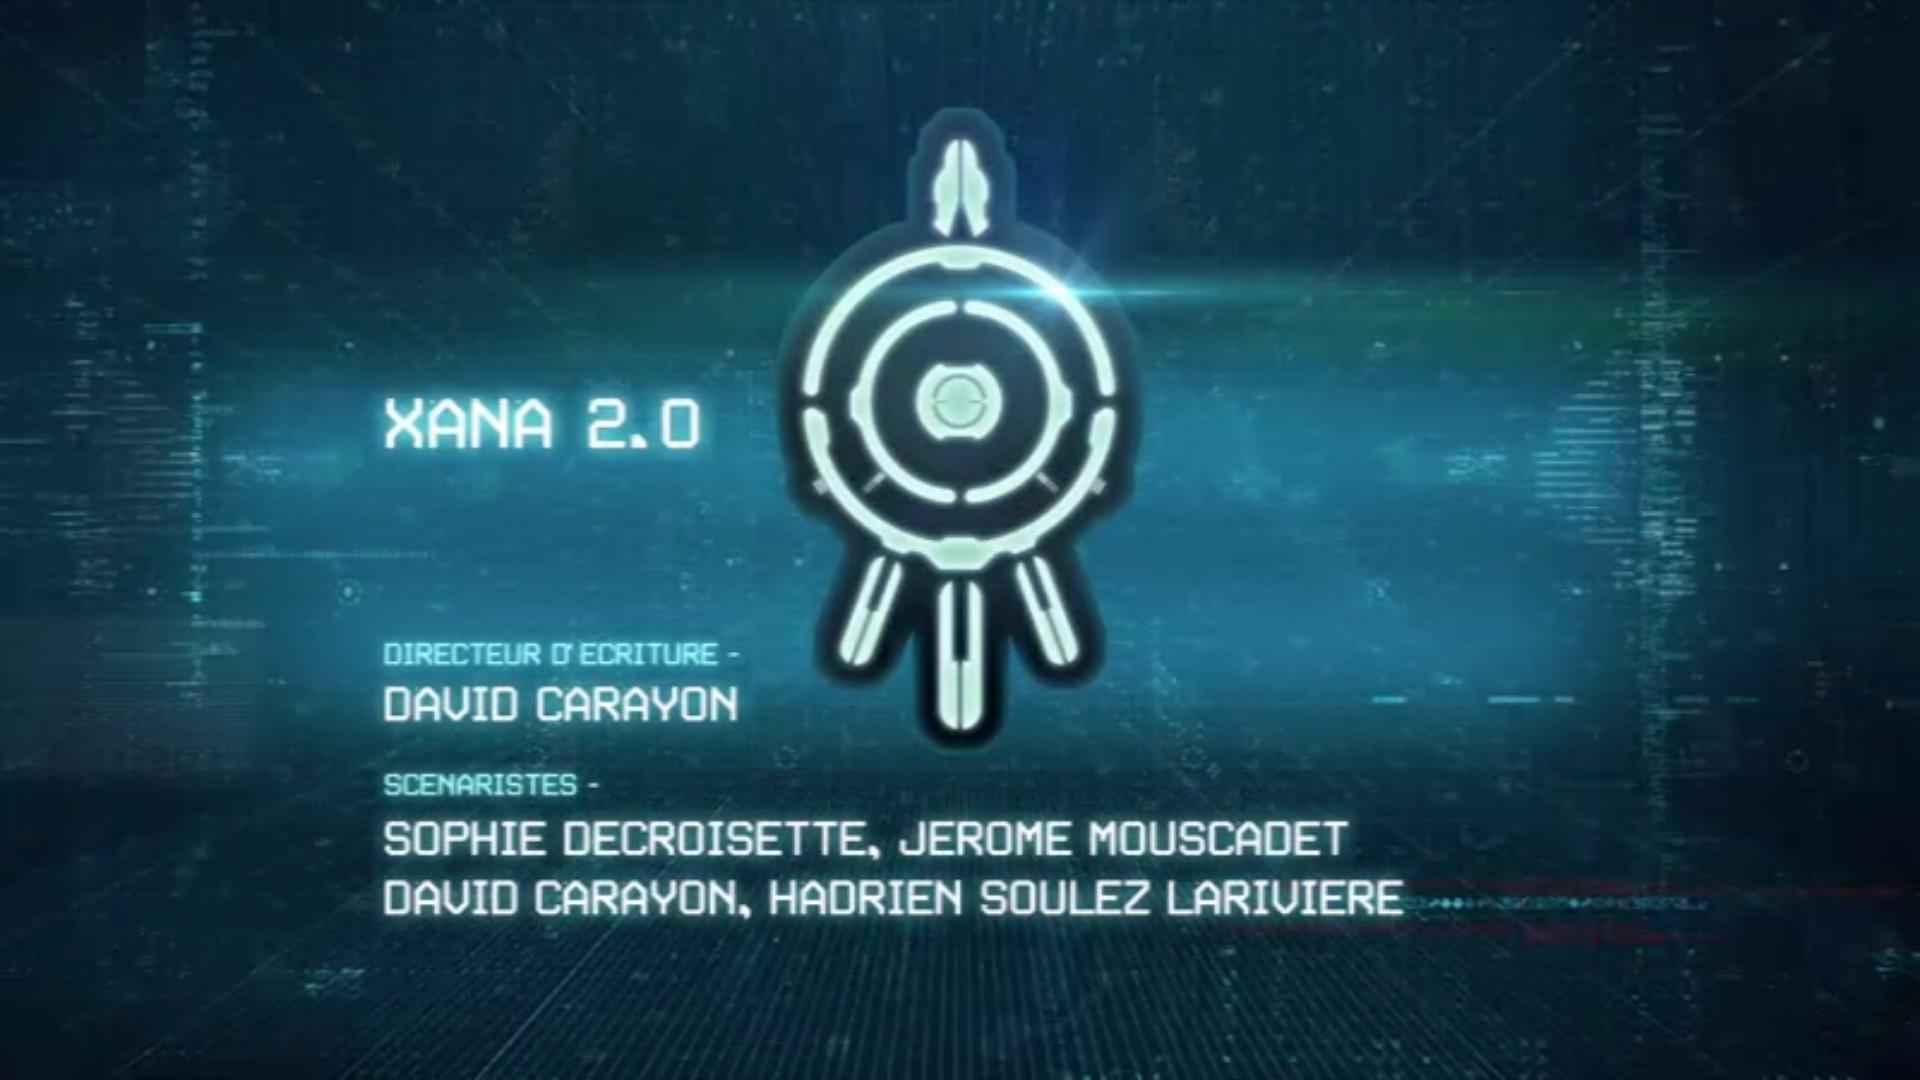 Xana 20 Code Lyoko Wiki Fandom Powered By Wikia